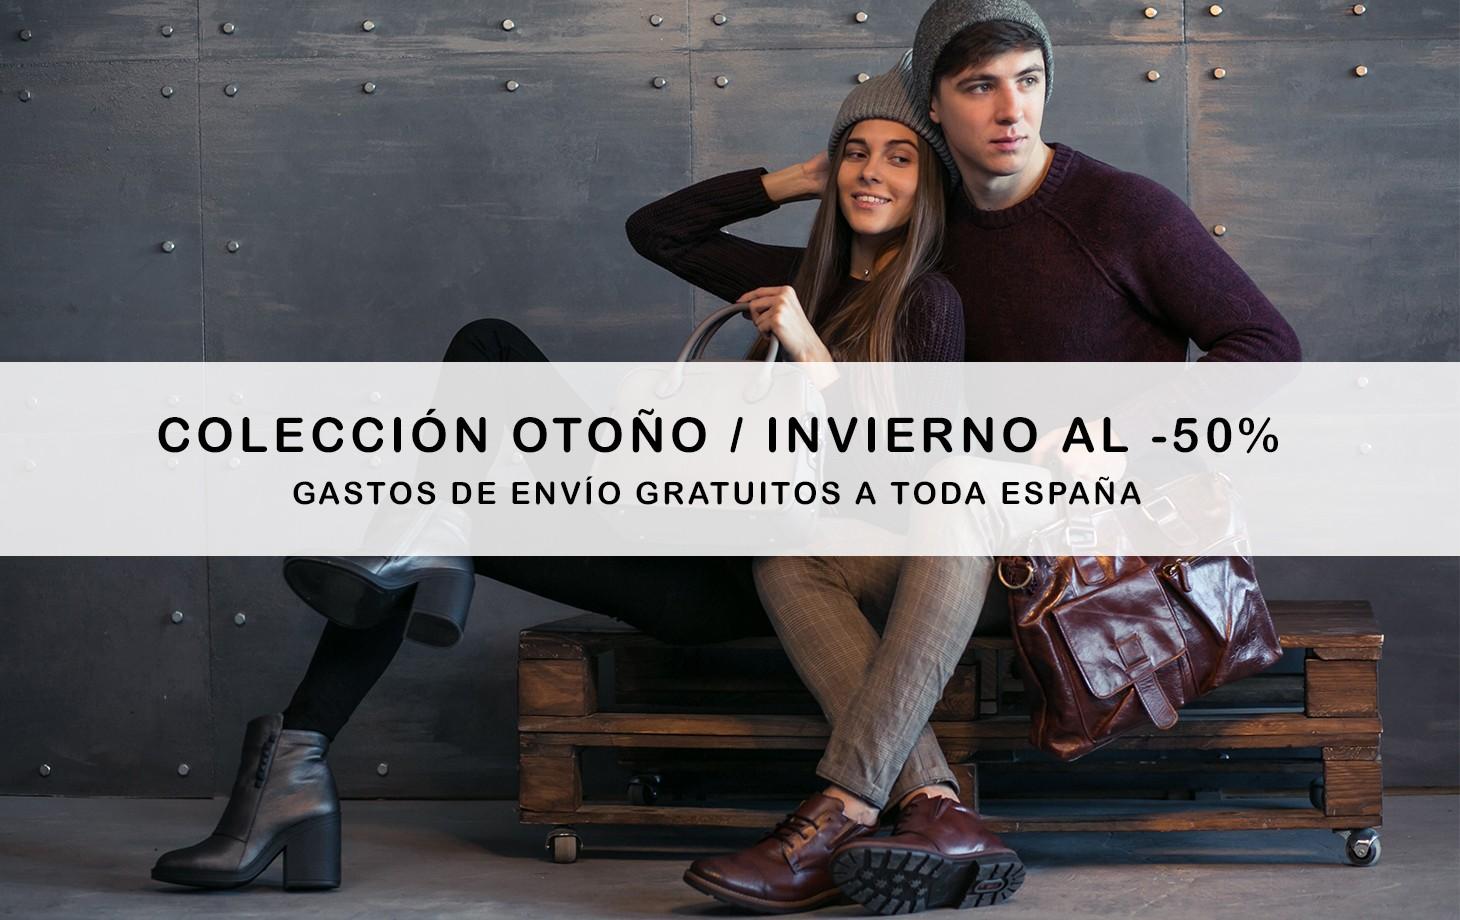 Colección otoño invierno al -50%. Gastos de envío GRATUITOS a toda la España.